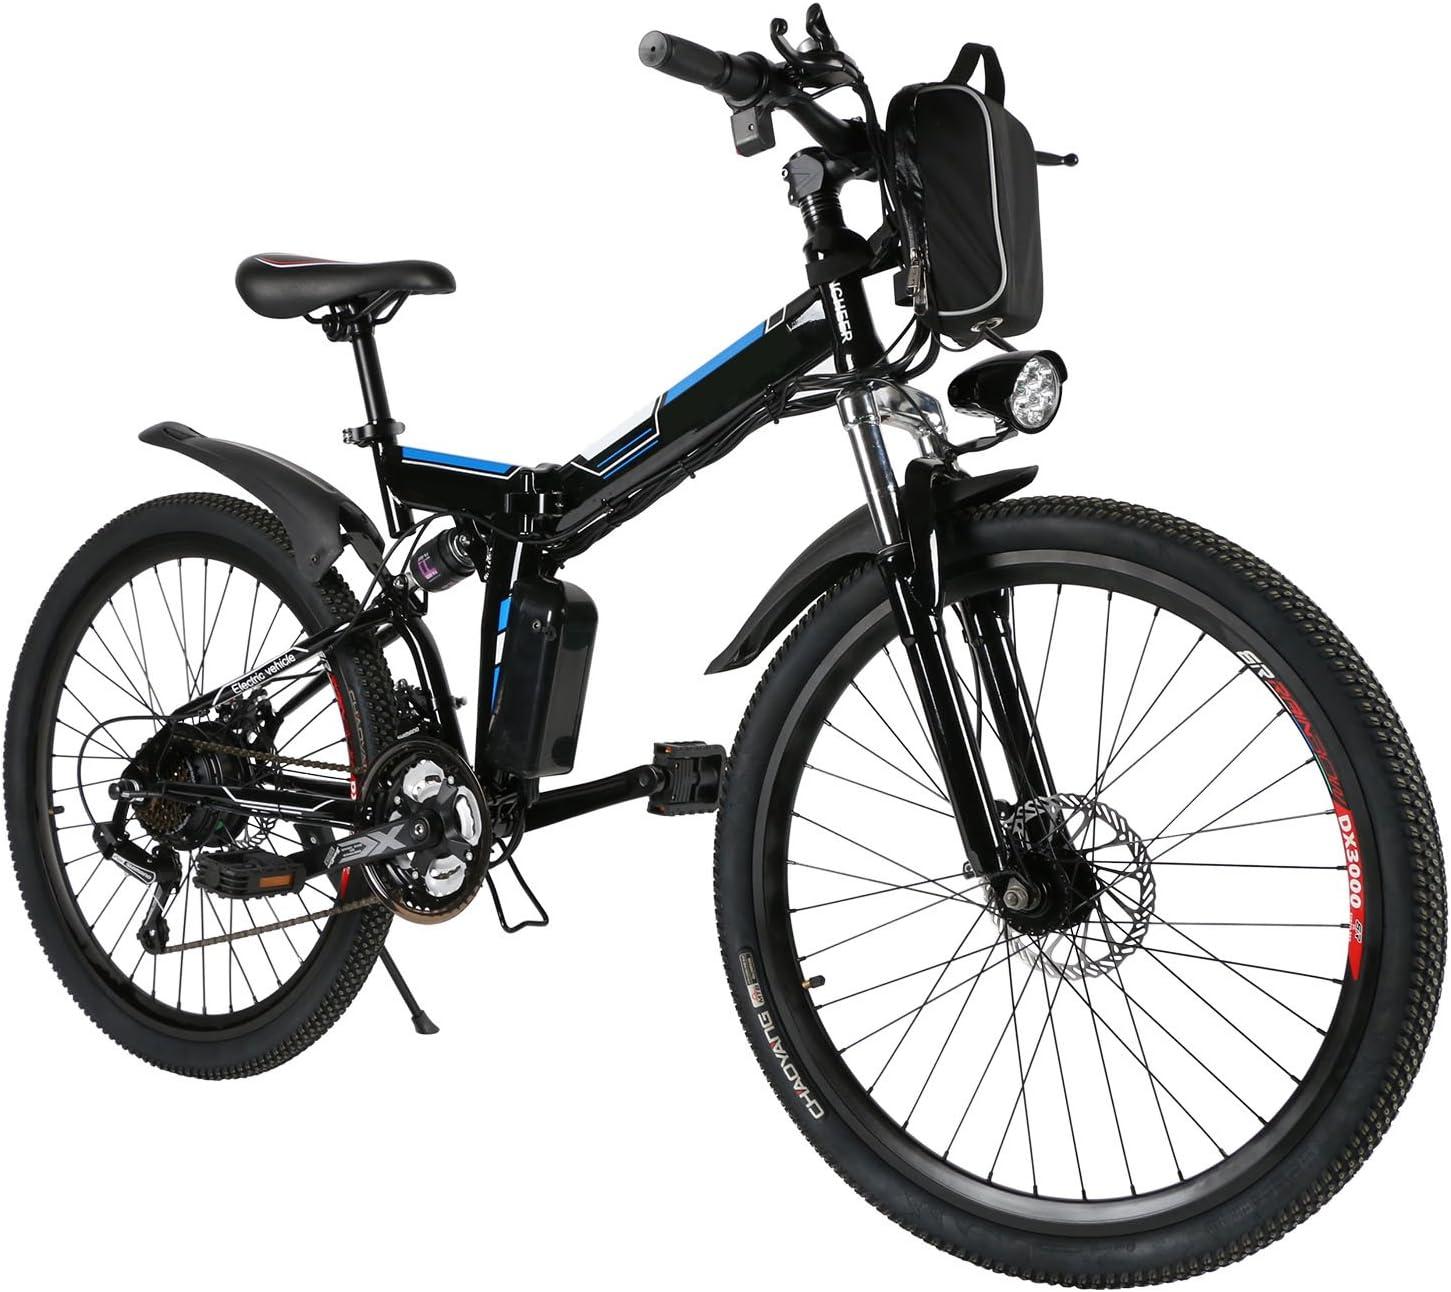 Ancheer Bicicleta Eléctrica de Montaña Bicicleta Eléctrica de 26 Pulgadas Plegable con Batería de Litio (36V 250W) 21 Velocidades de Suspensión Completa Premium y Equipo Shimano